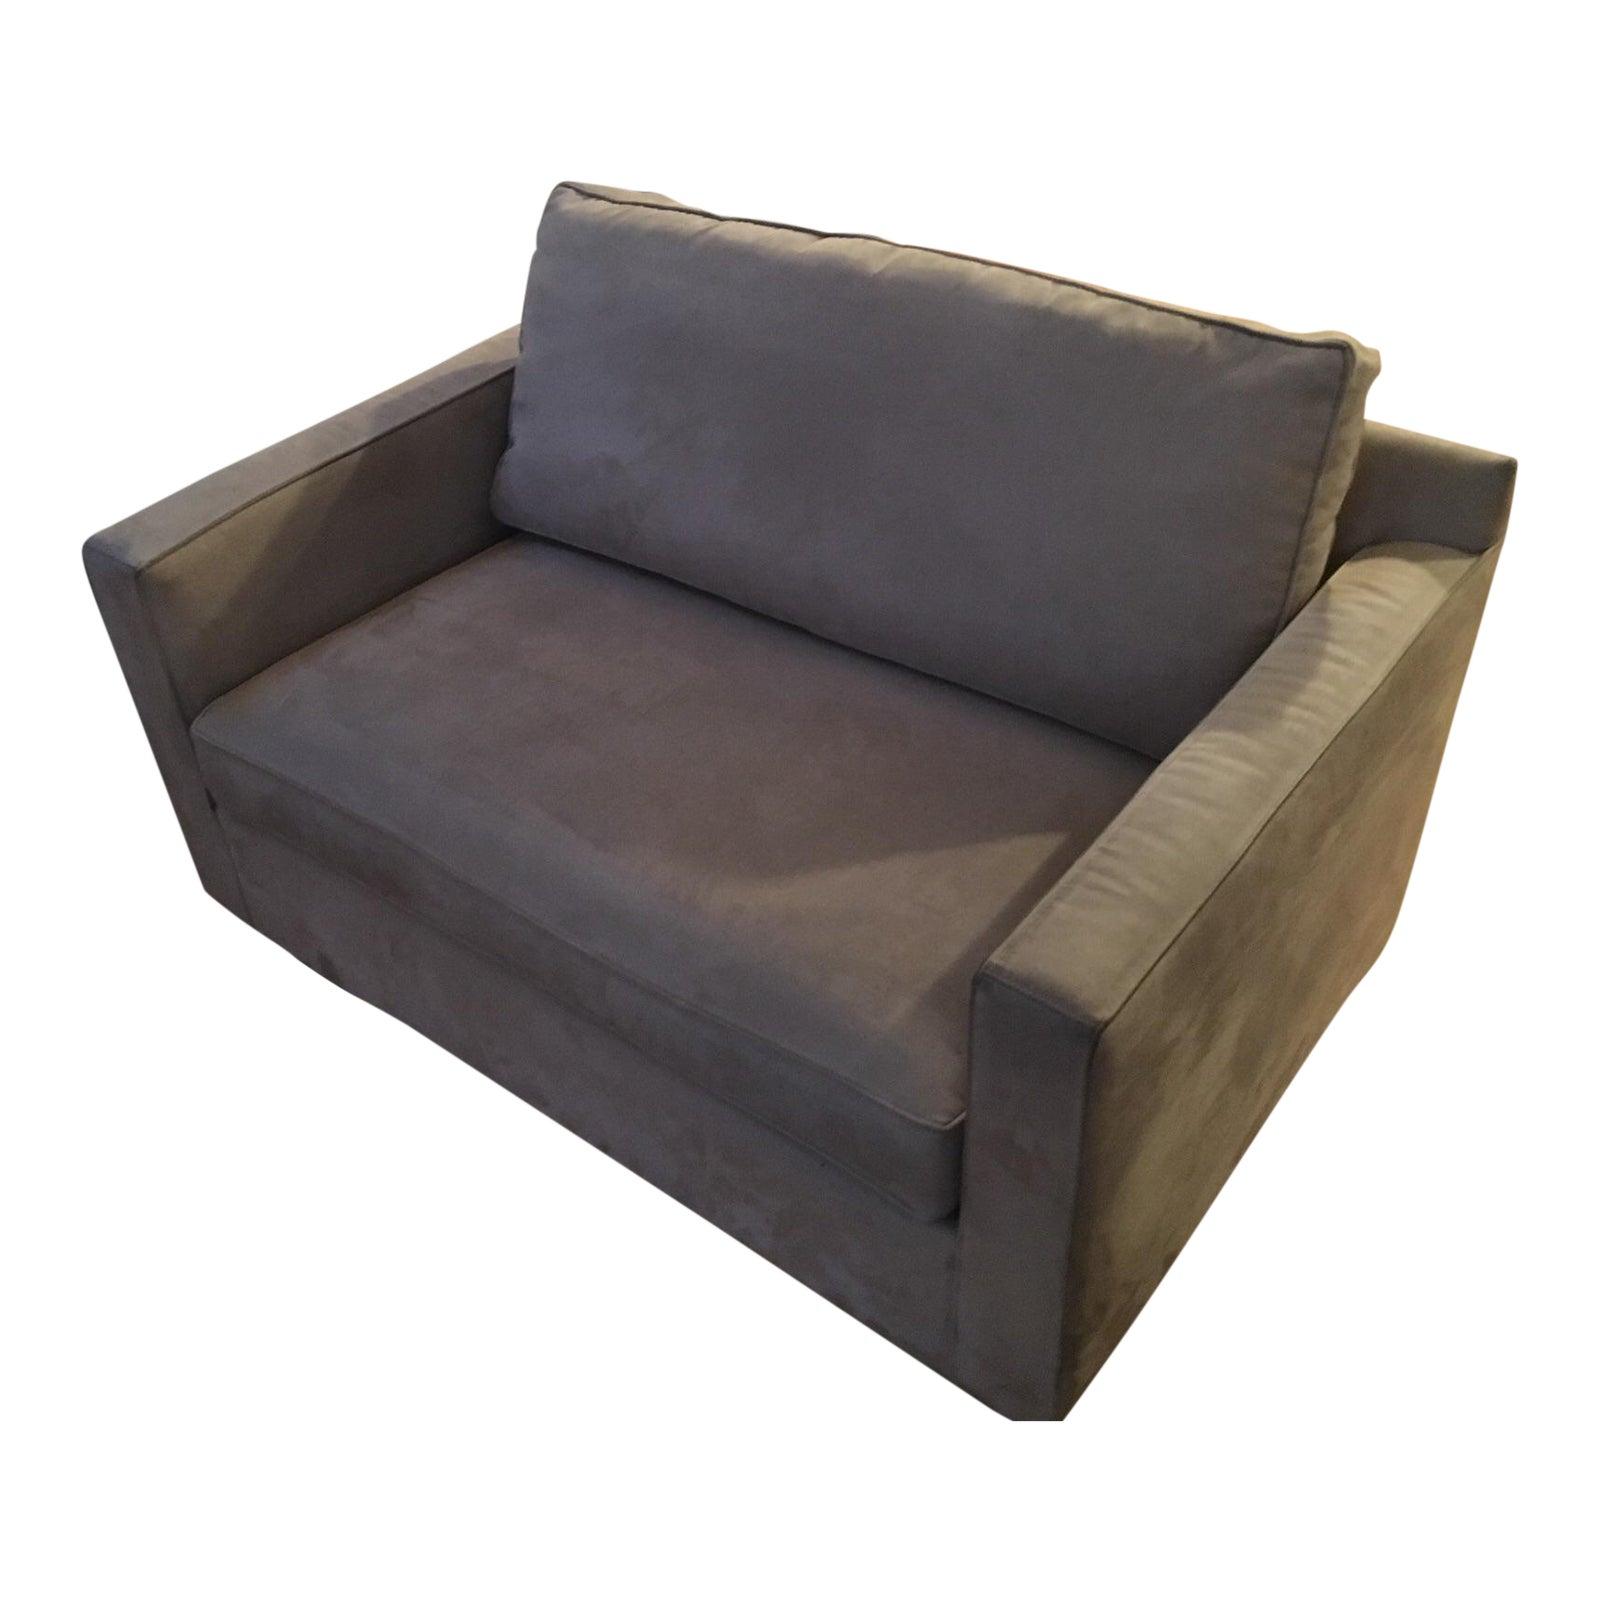 Stupendous Crate Barrel Davis Twin Sleeper Sofa Inzonedesignstudio Interior Chair Design Inzonedesignstudiocom